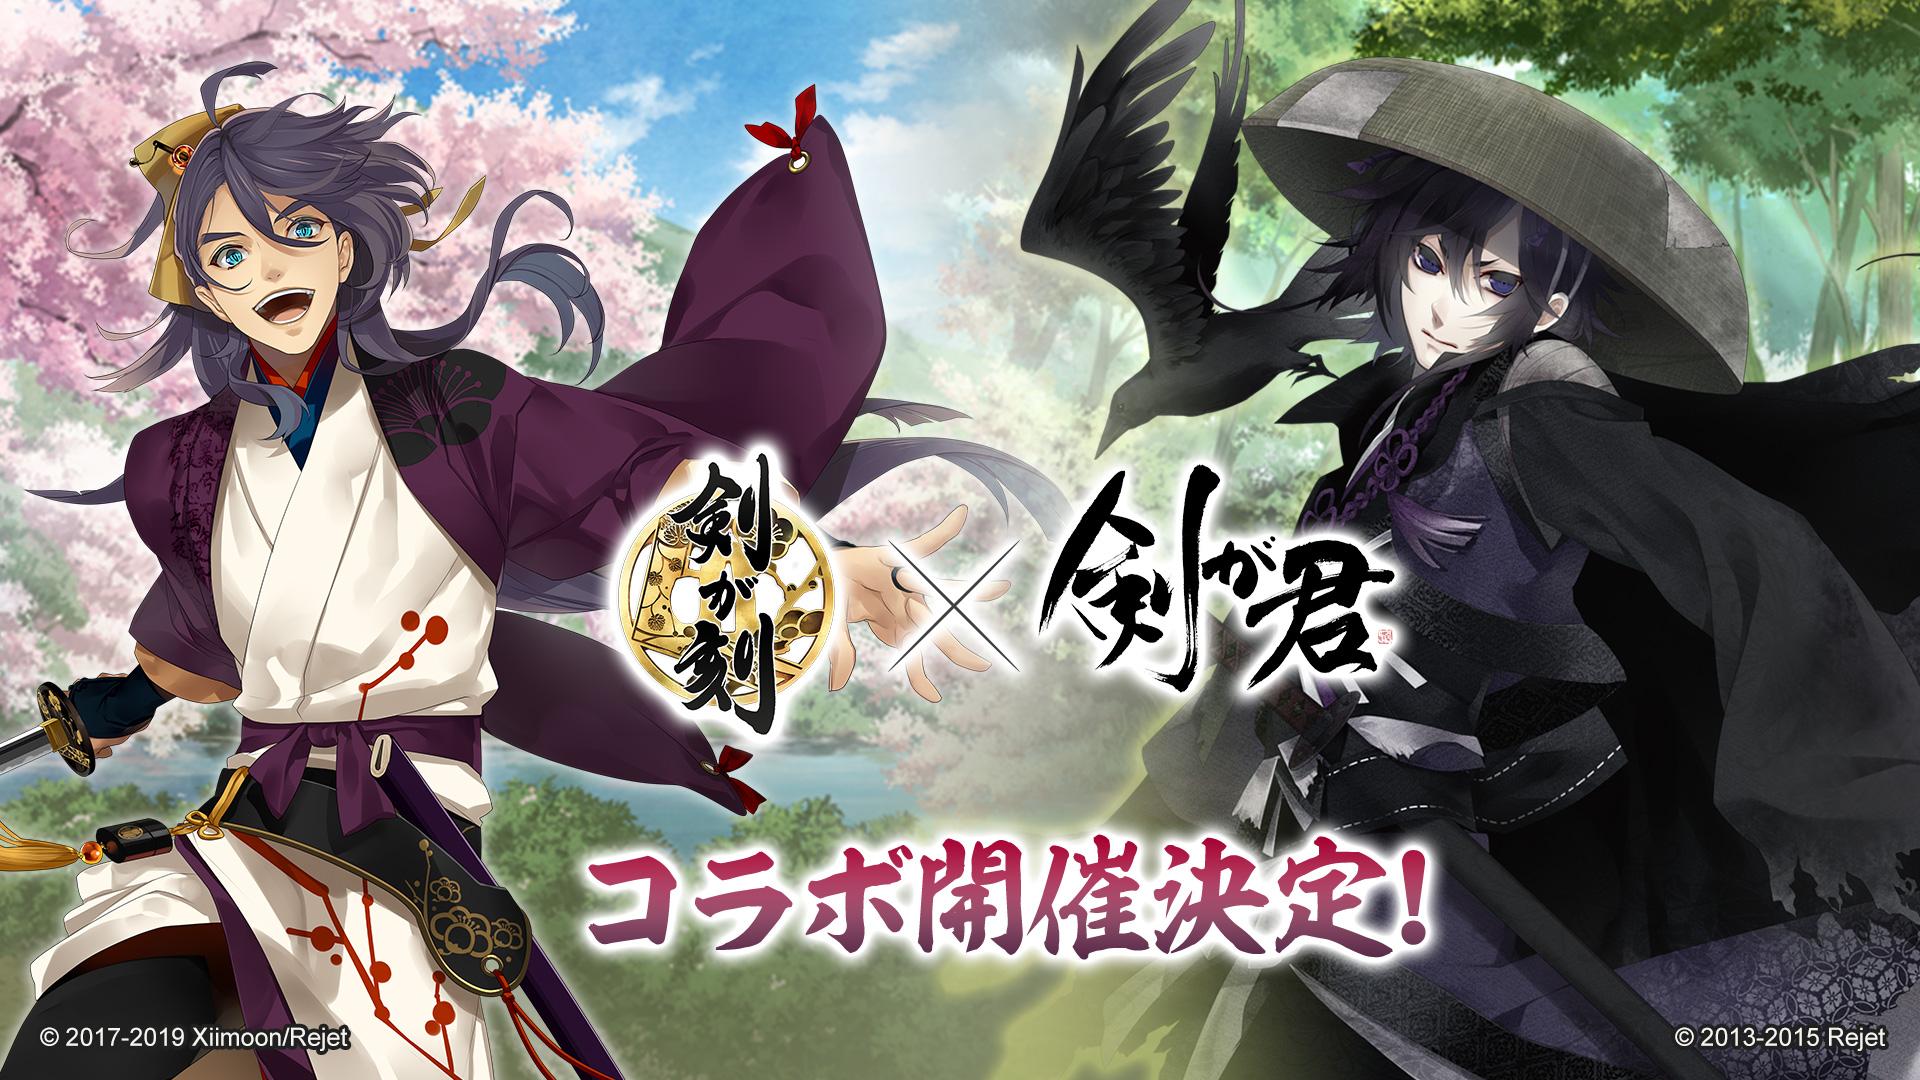 『剣が君』とゲーム内コラボ決定!